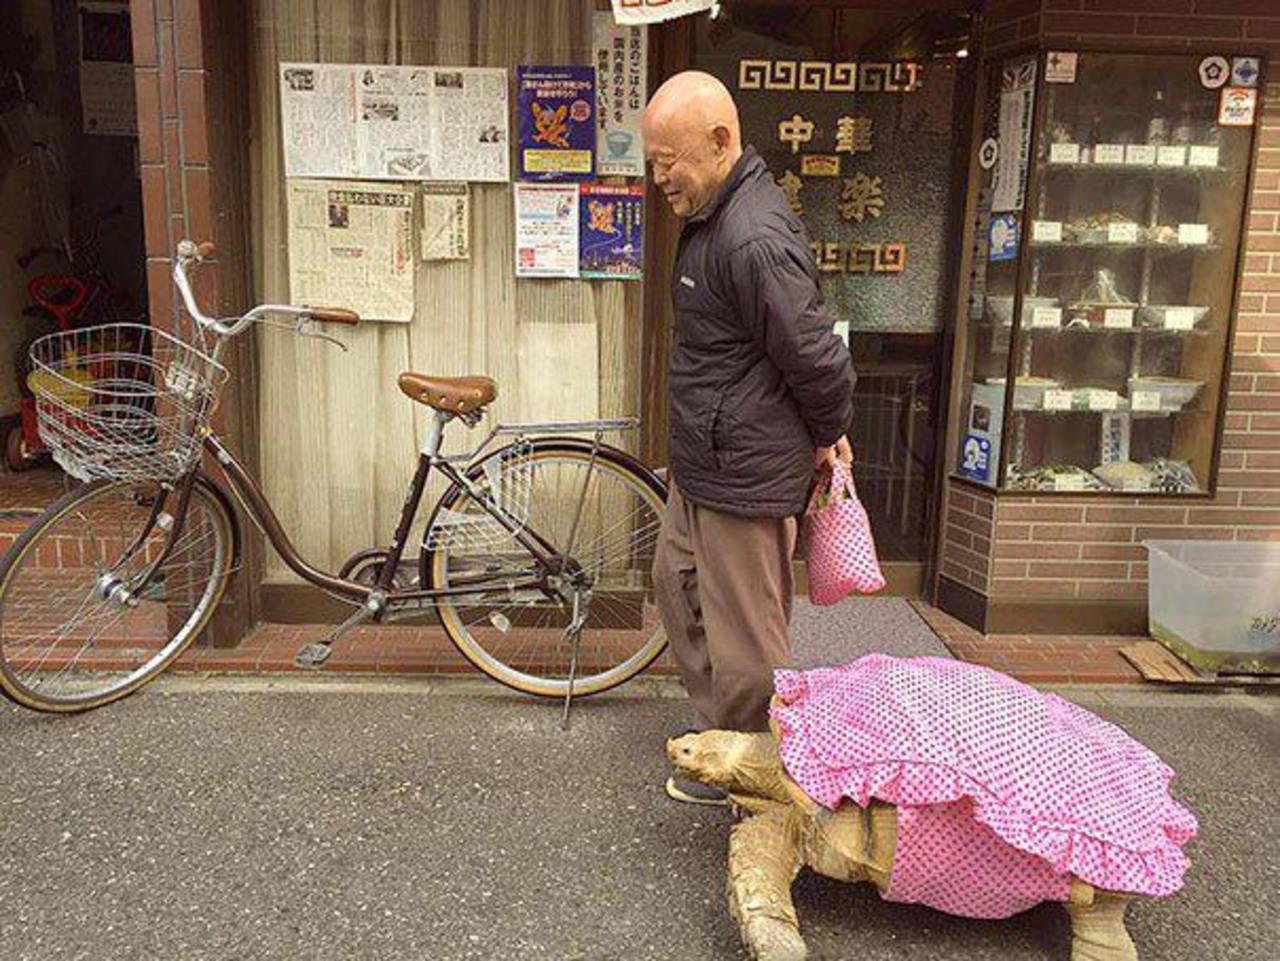 Fotos: ¿El más paciente? Japonés saca a pasear tortuga